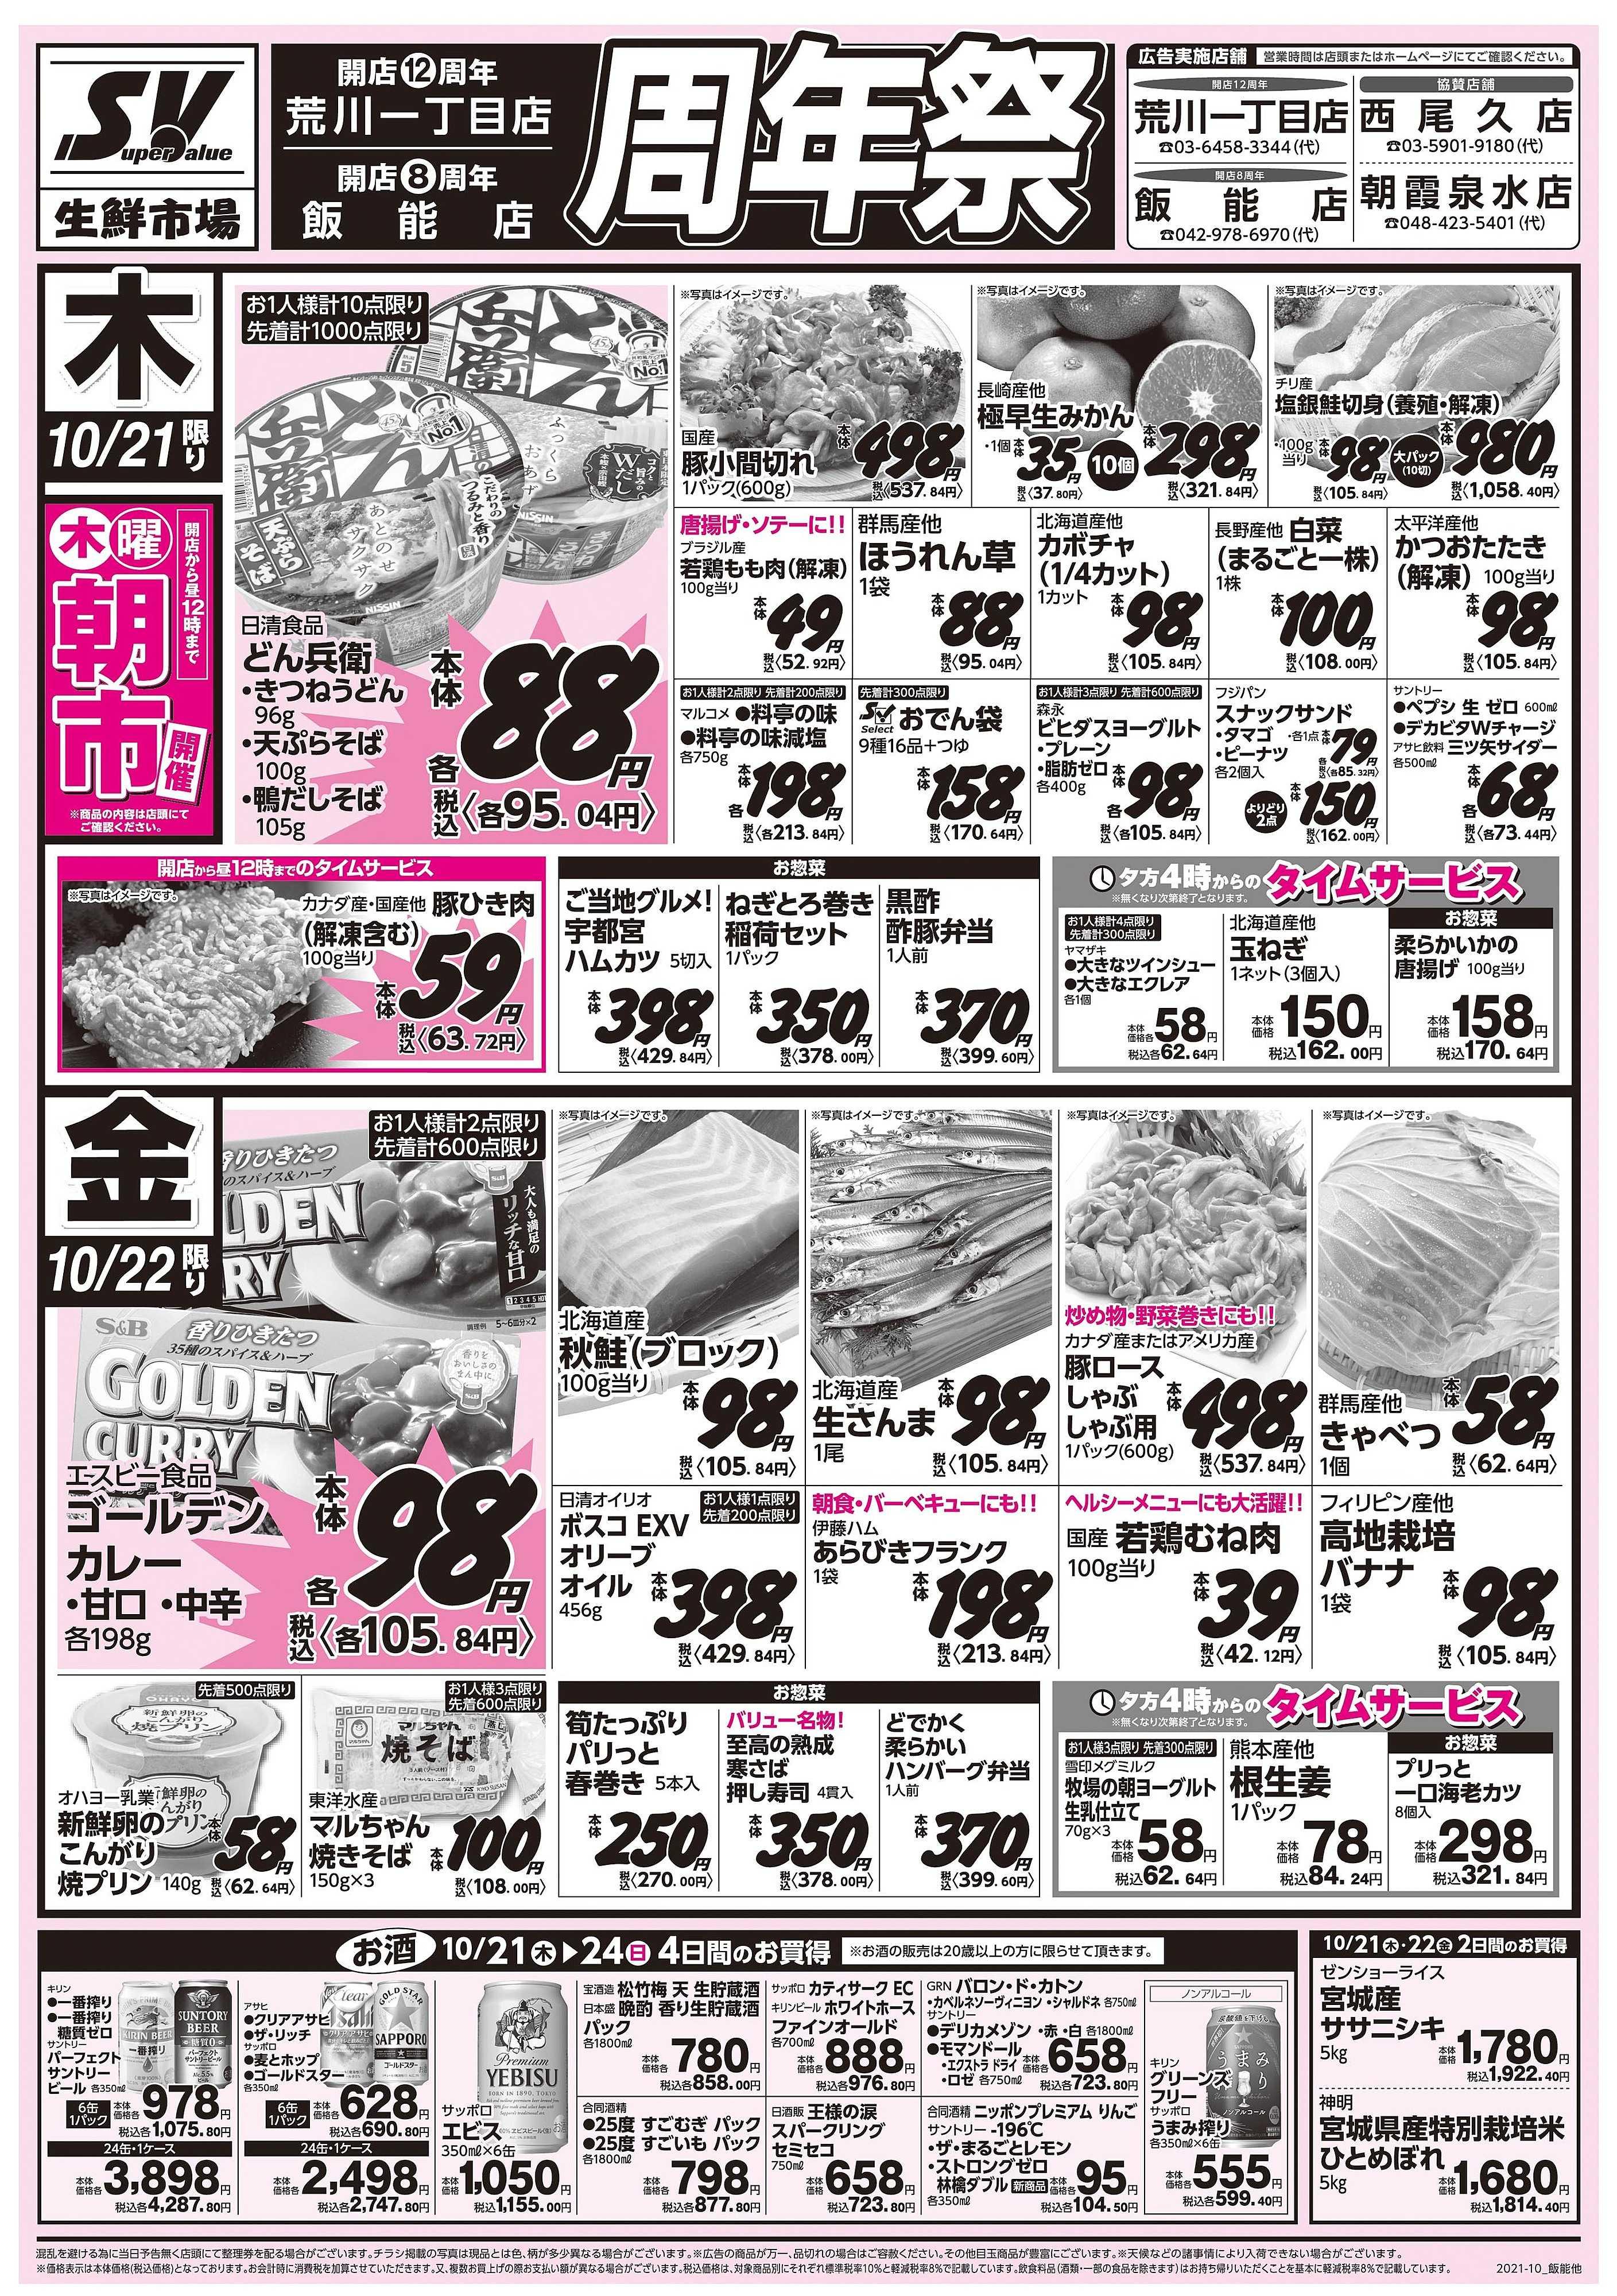 スーパーバリュー 周年祭セール